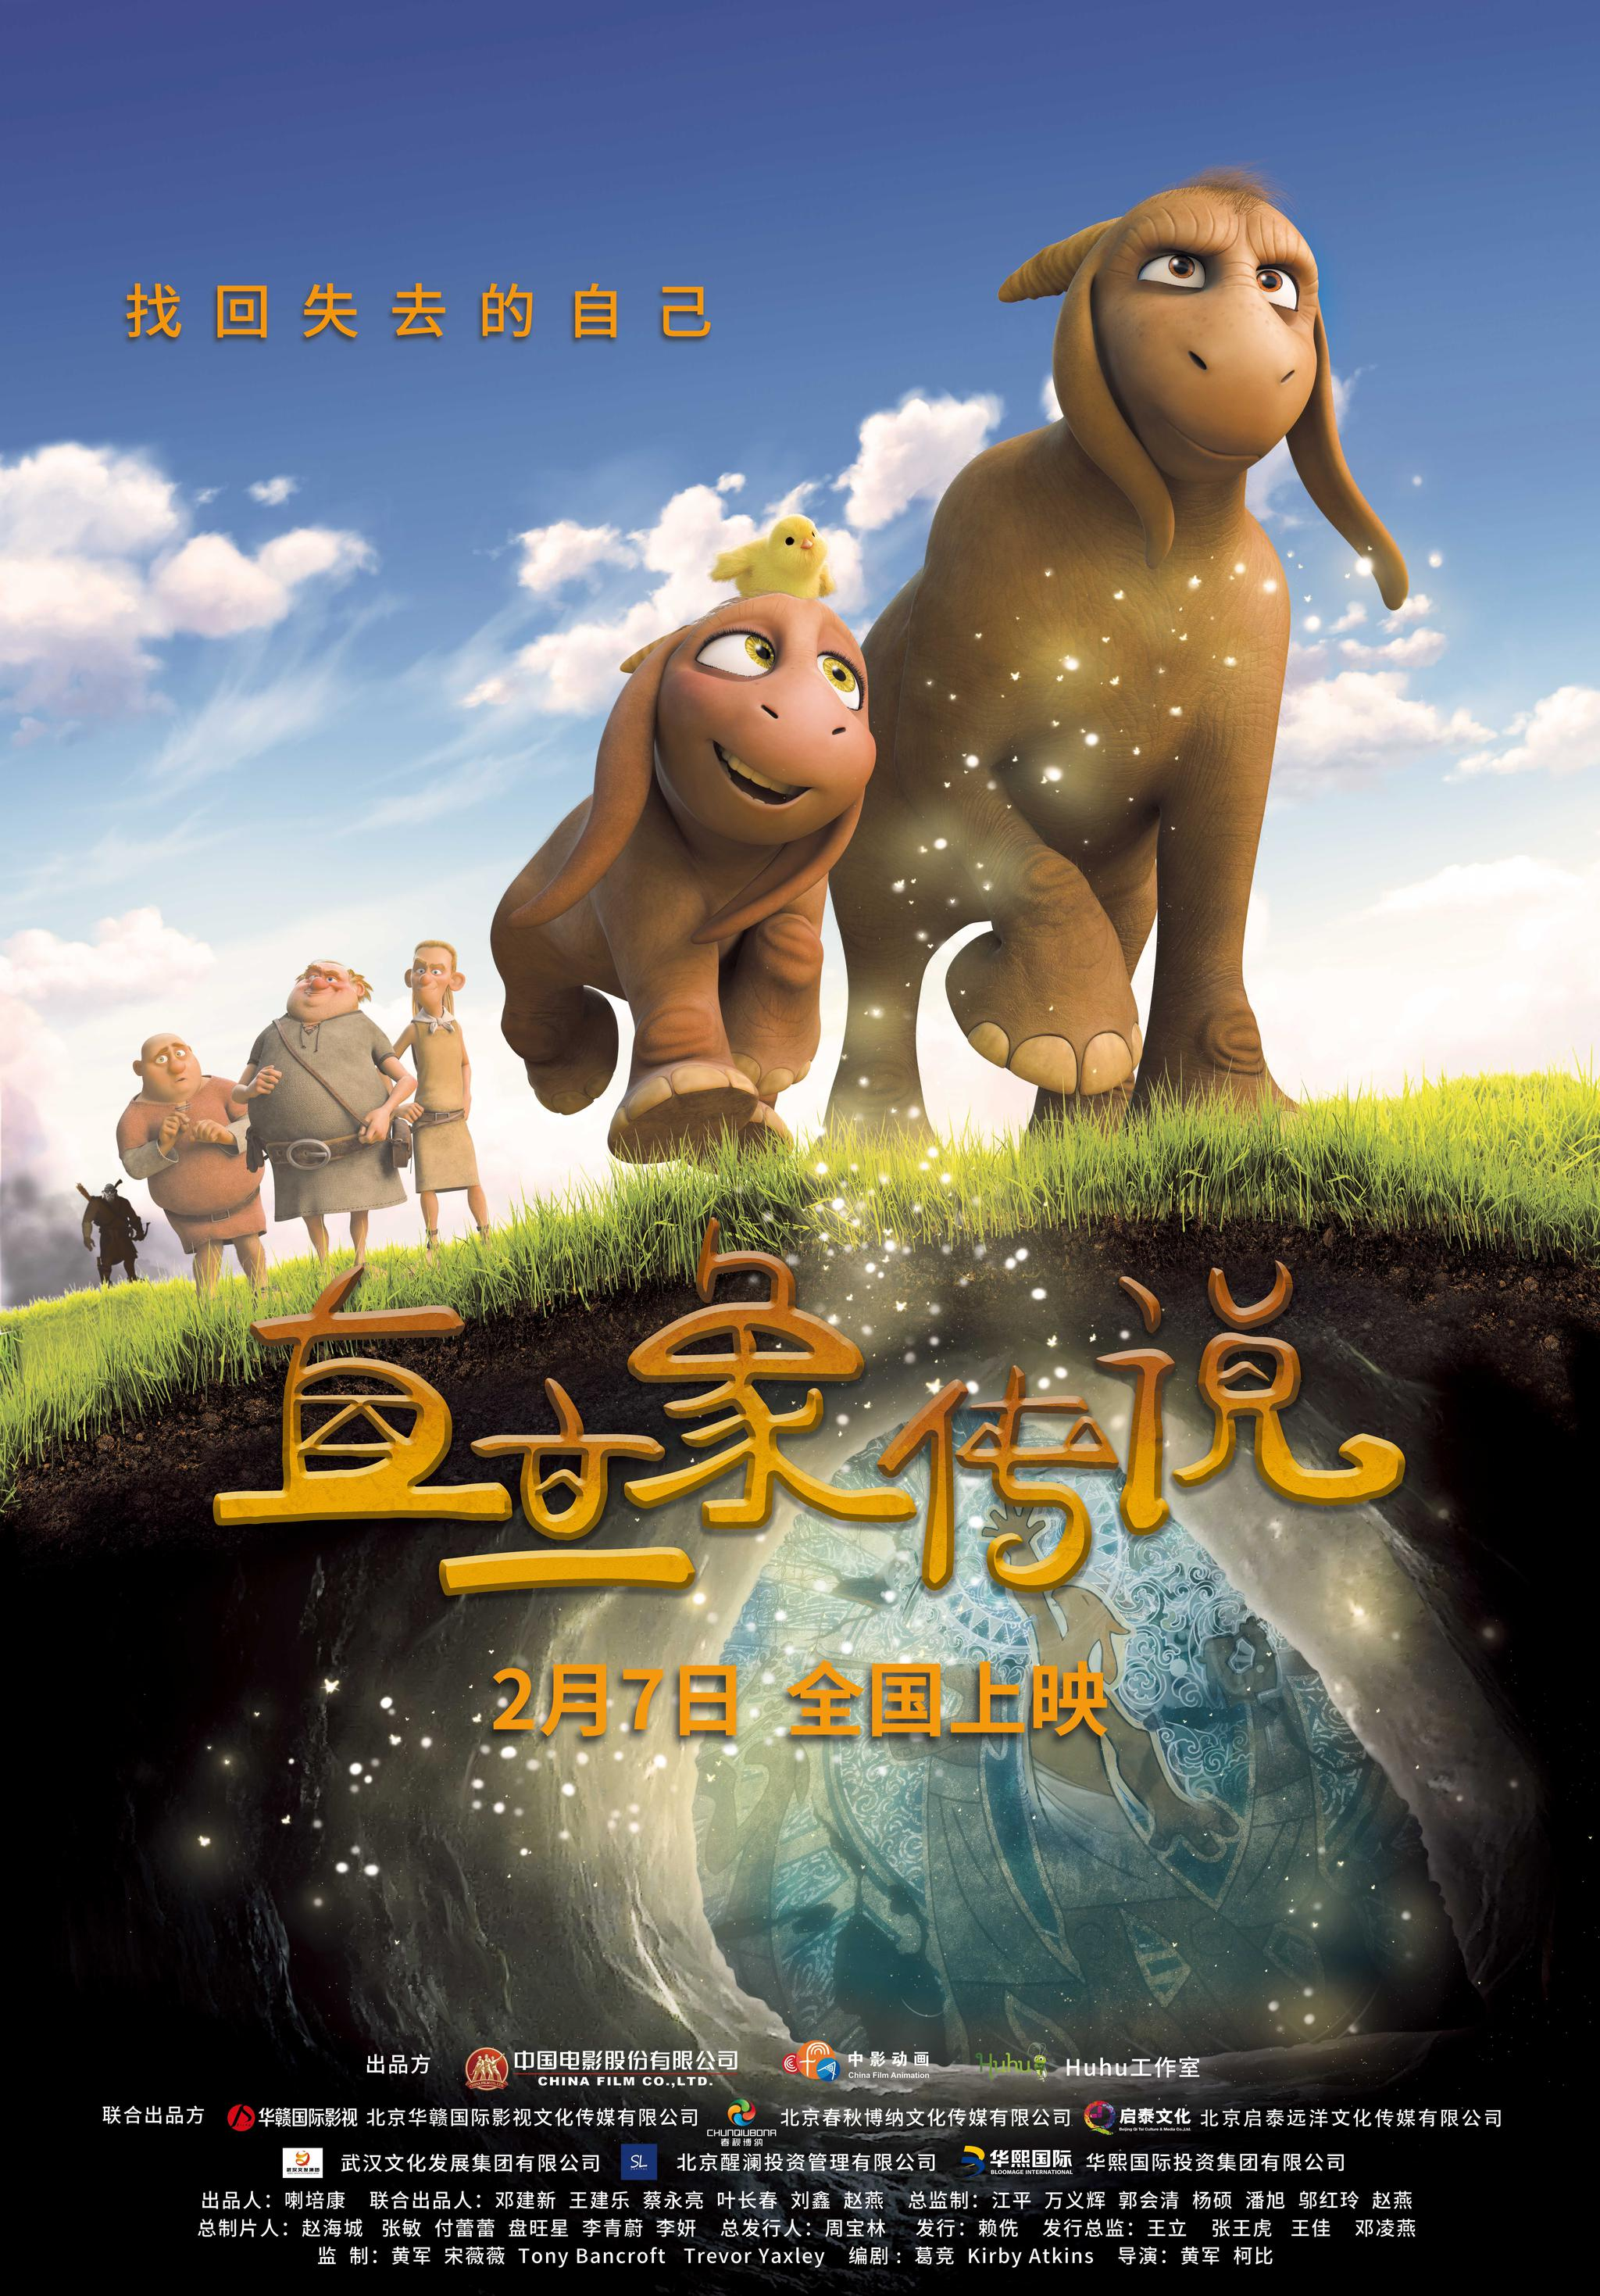 中国新西兰首部合拍动画电影《直